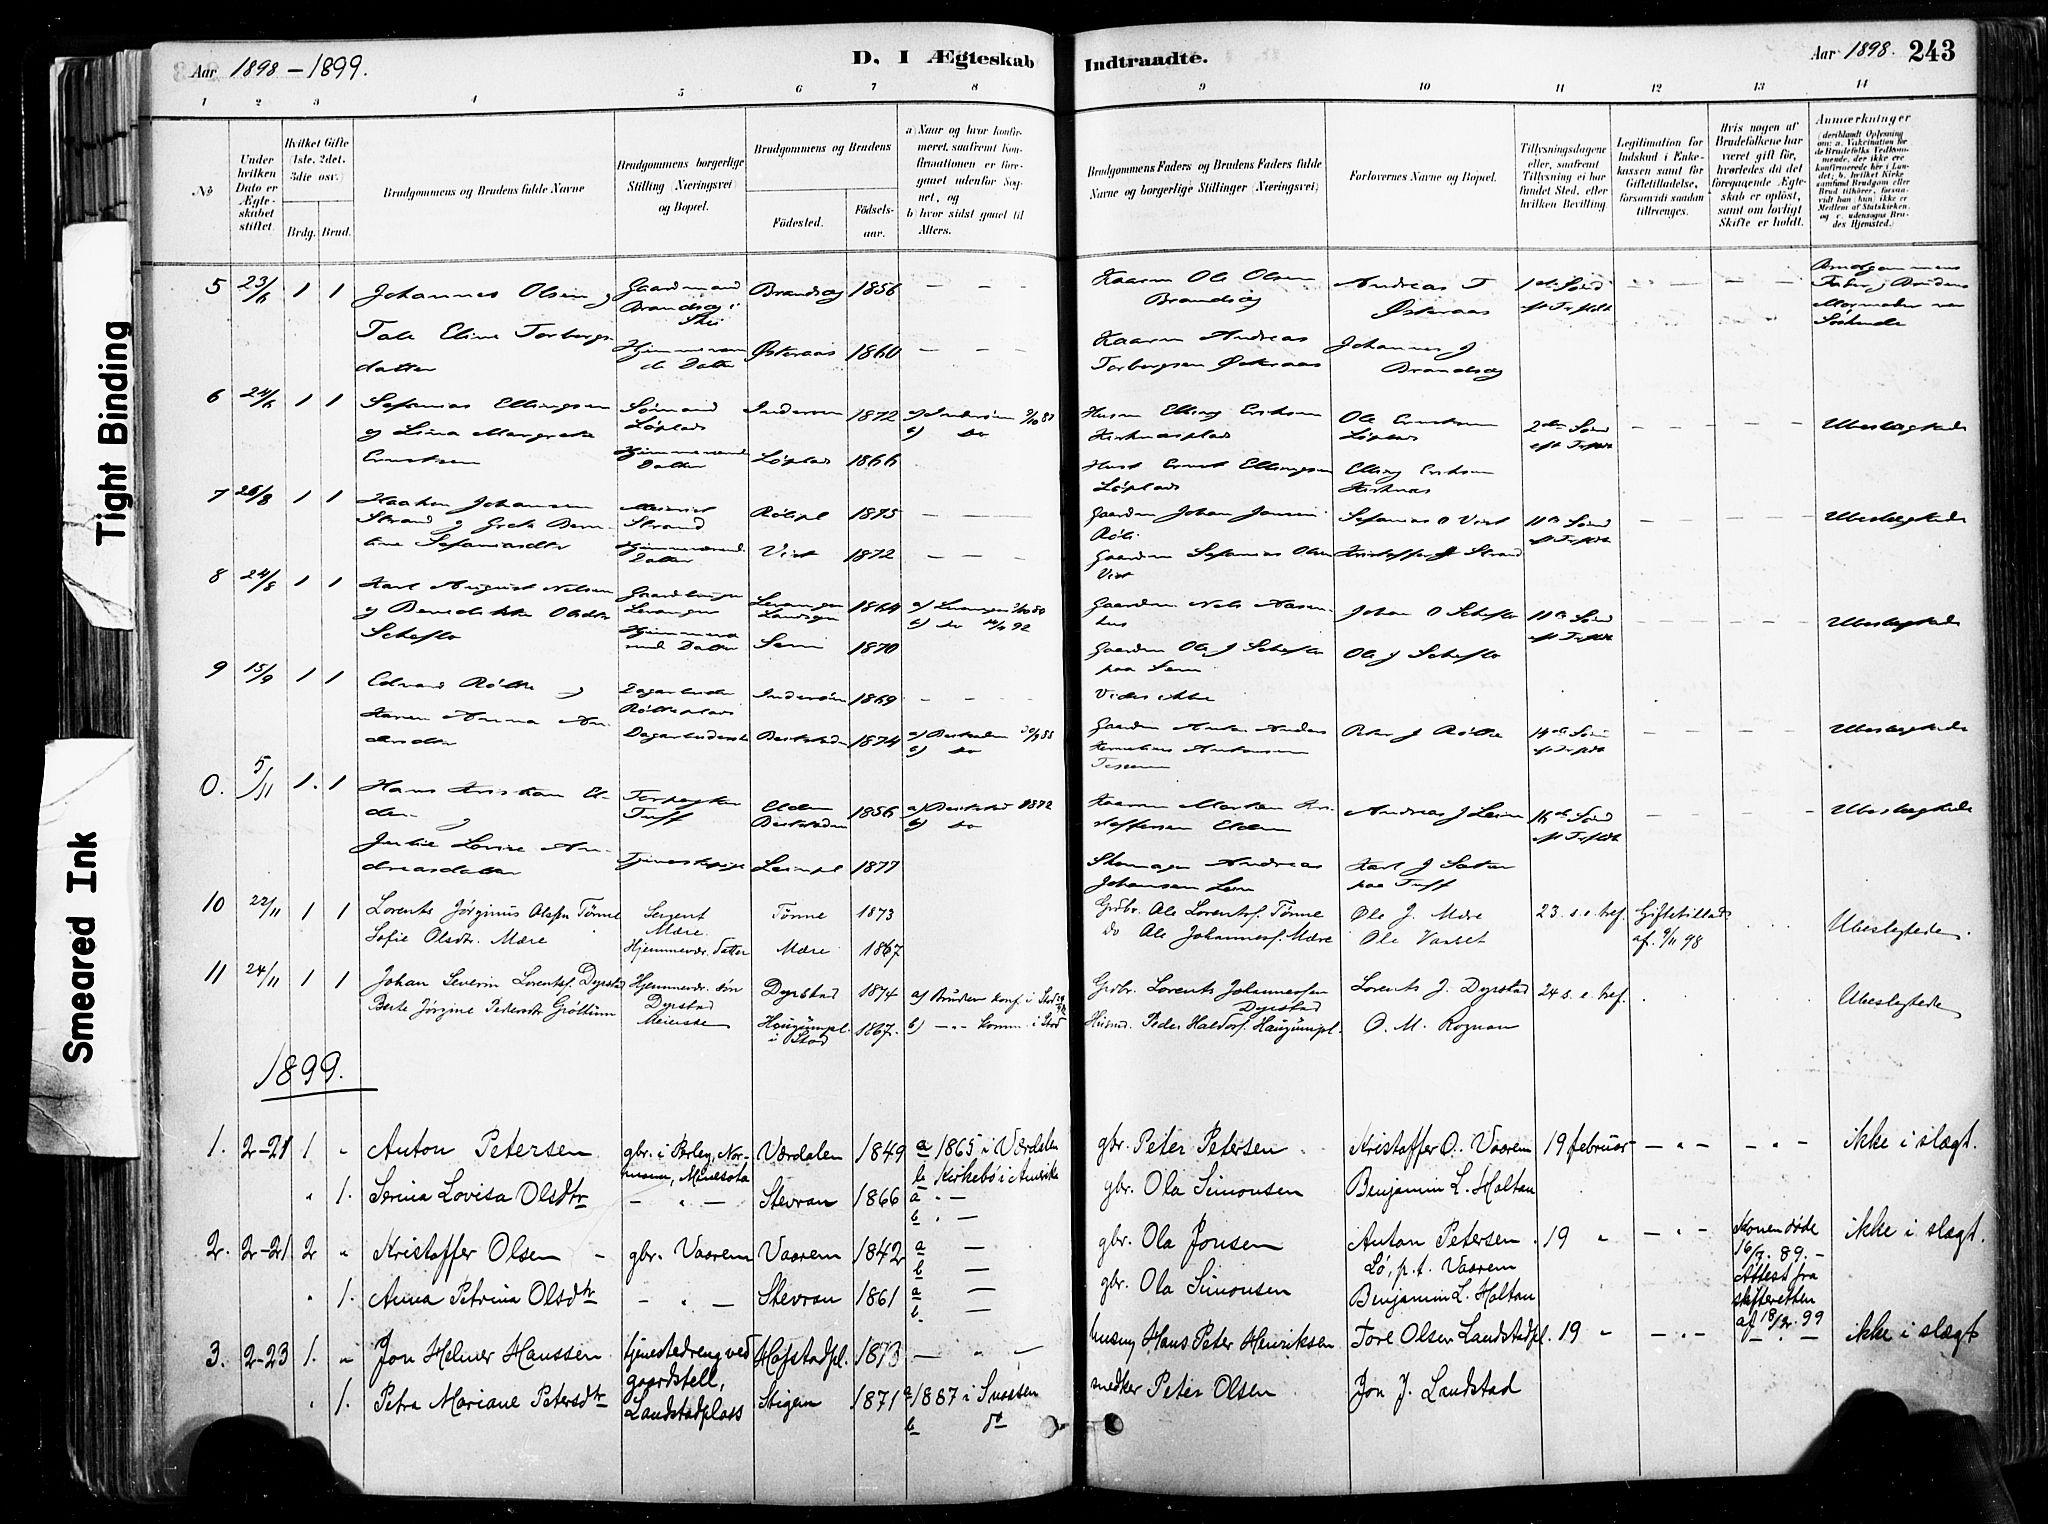 SAT, Ministerialprotokoller, klokkerbøker og fødselsregistre - Nord-Trøndelag, 735/L0351: Ministerialbok nr. 735A10, 1884-1908, s. 243